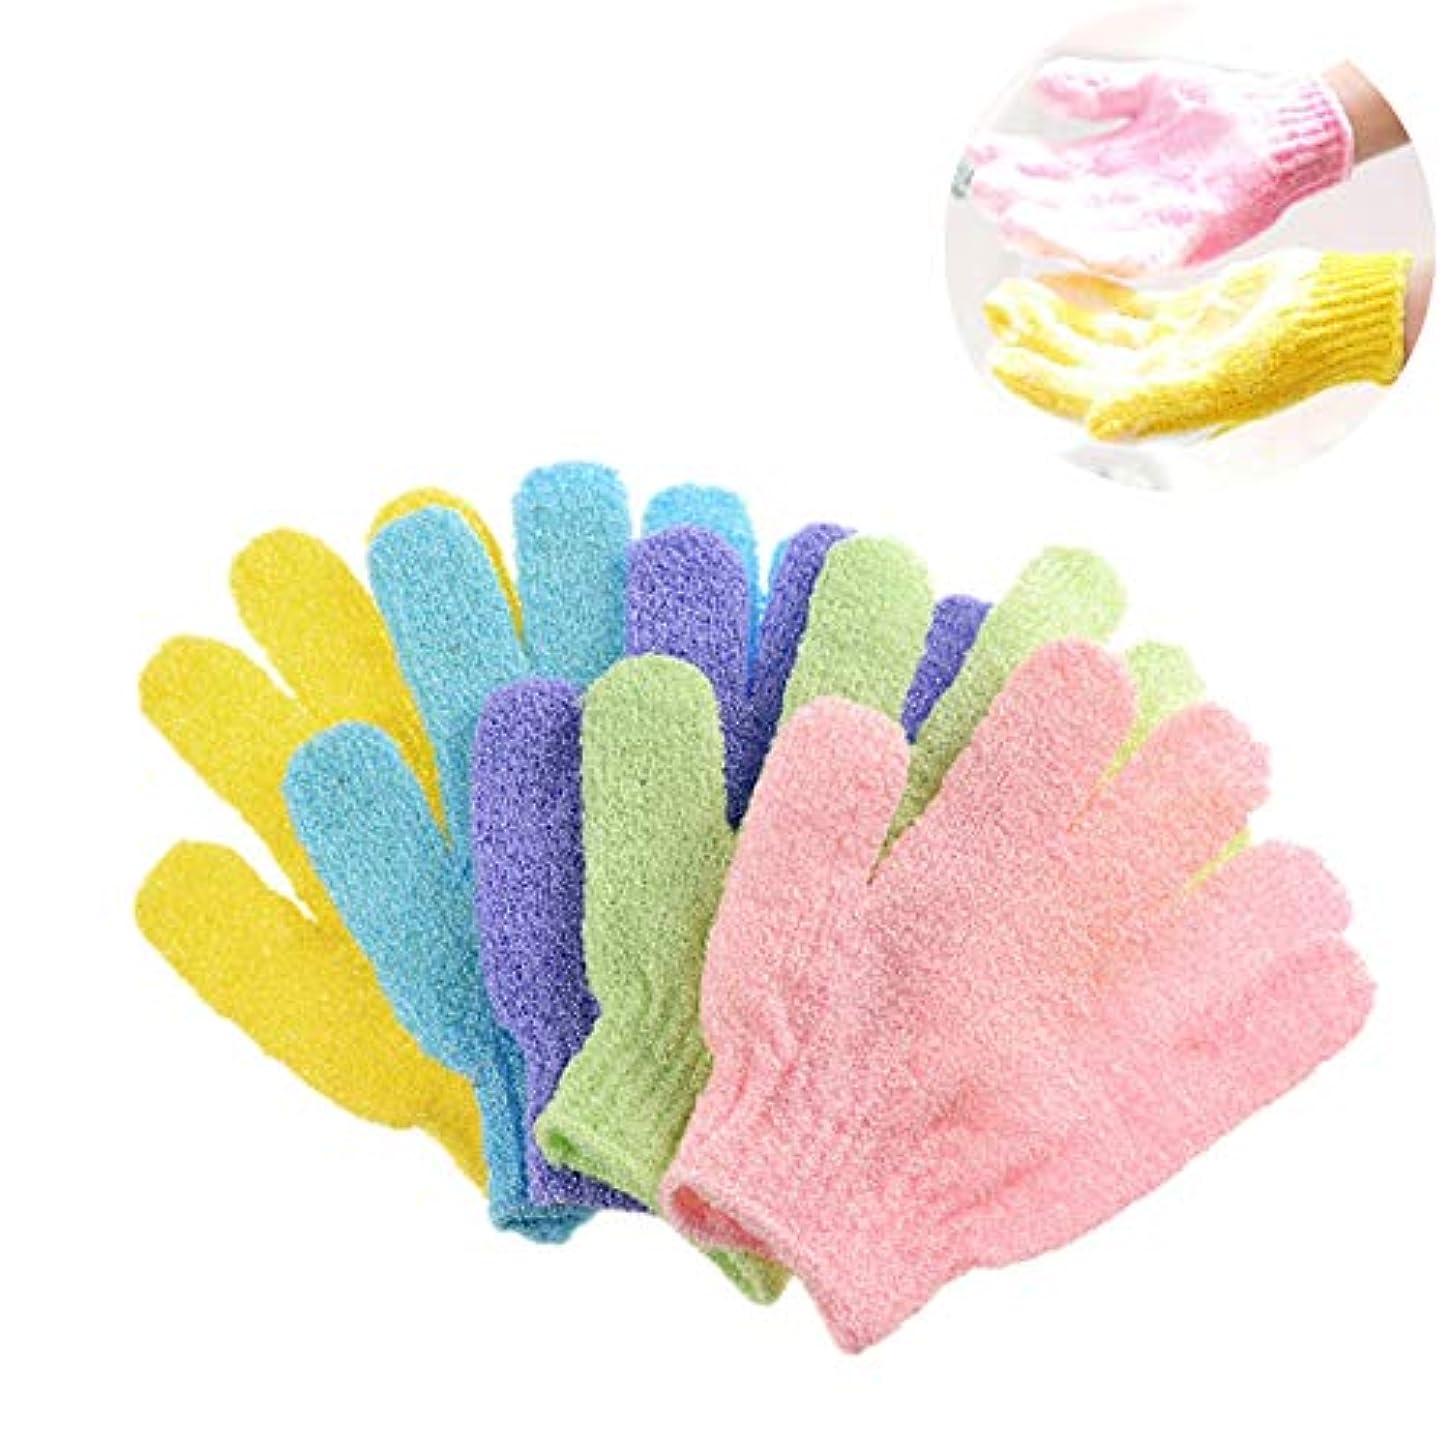 急いで天気評論家Kingsie 浴用手袋 10枚セット(5ペア) ボディウォッシュ手袋 お風呂手袋 角質除去 角質取り 泡立ち 垢すり グローブ